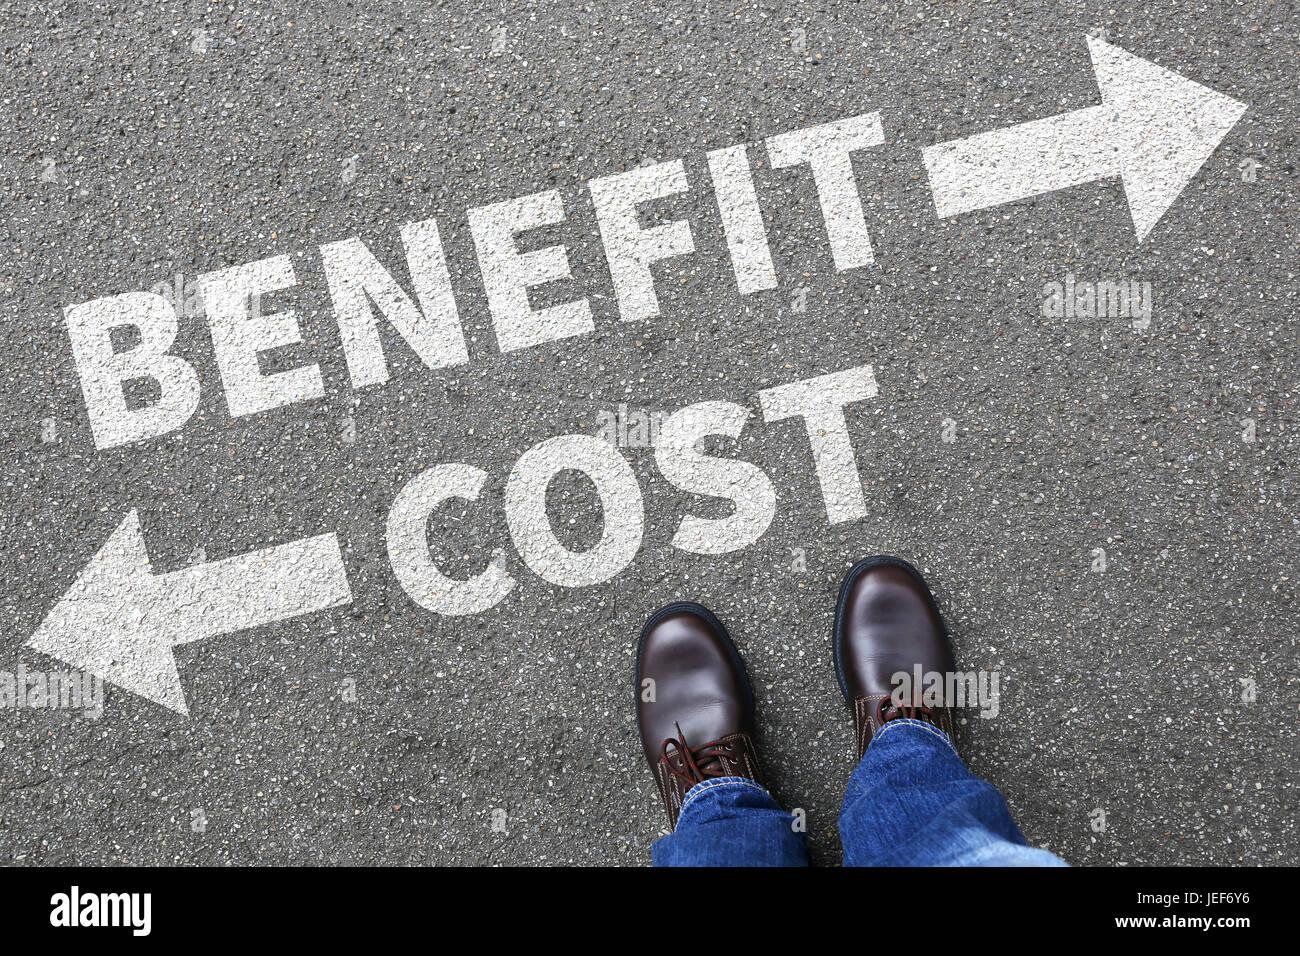 Kosten-Nutzen Verlust Gewinn Finanzen finanziellen Erfolg ...